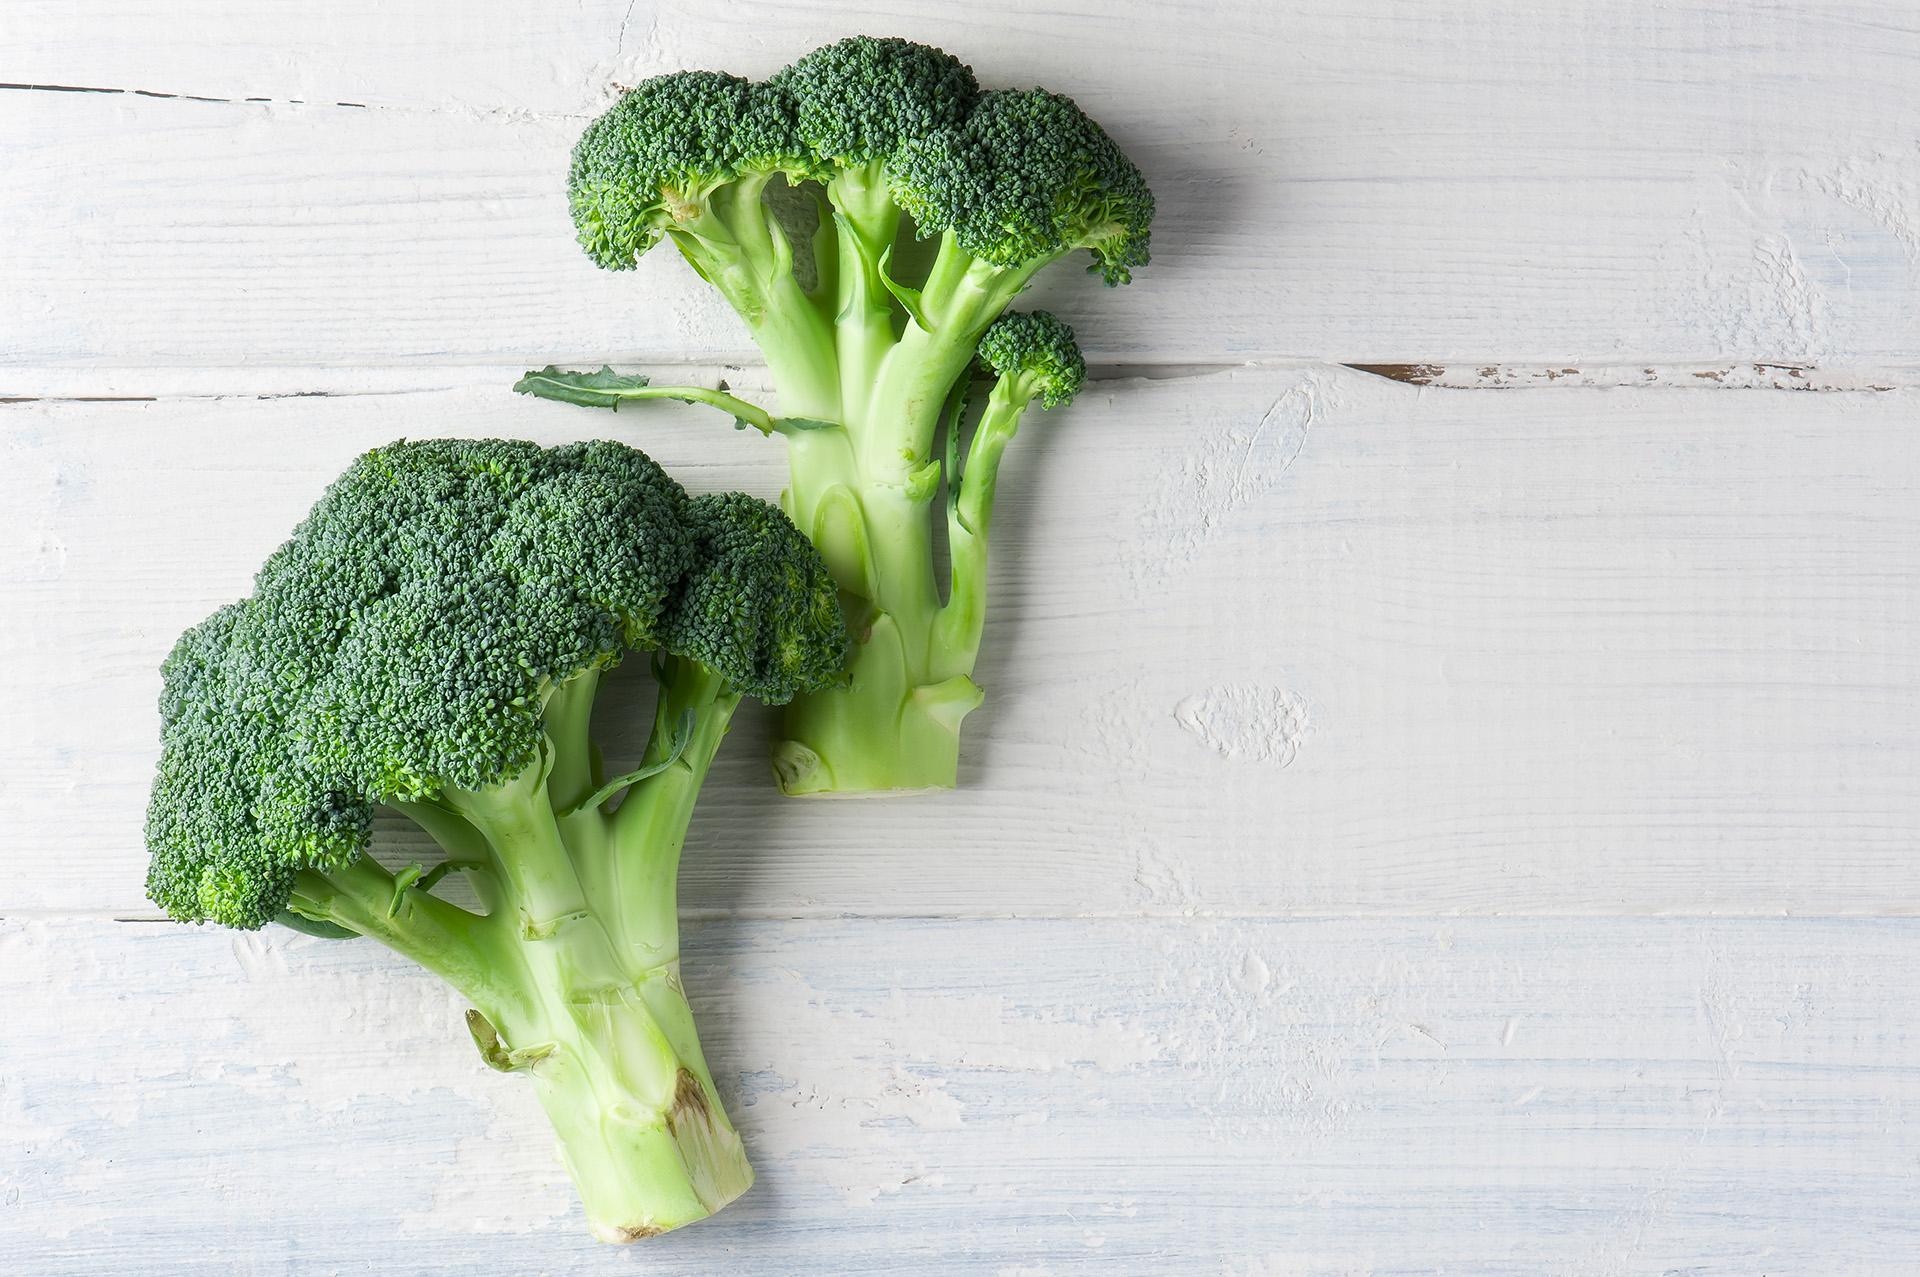 El equipo busca desde el 2014 obtener brócolis con mayores cualidades nutracéuticas y mejores rendimientos, que también permitan hacer más eficiente el uso del agua